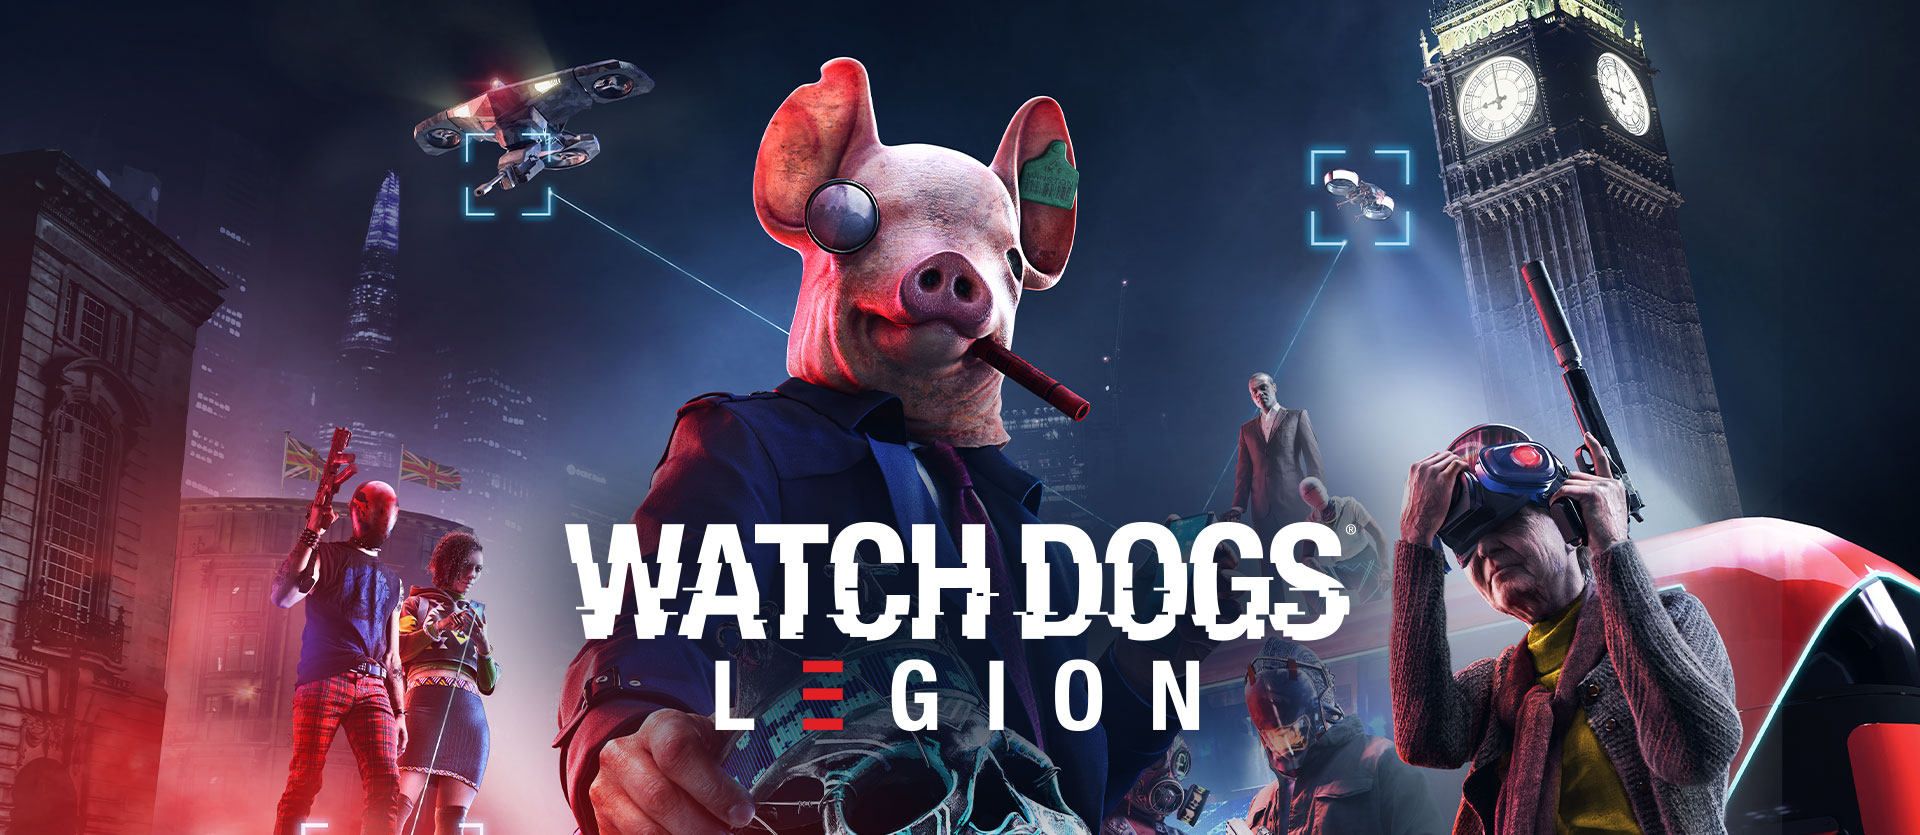 Watch Dogs Legion logosu, bir kurukafa tutan domuz maskeli bir kişi, iki dron, Big Ben ve silahlı birkaç diğer karakter